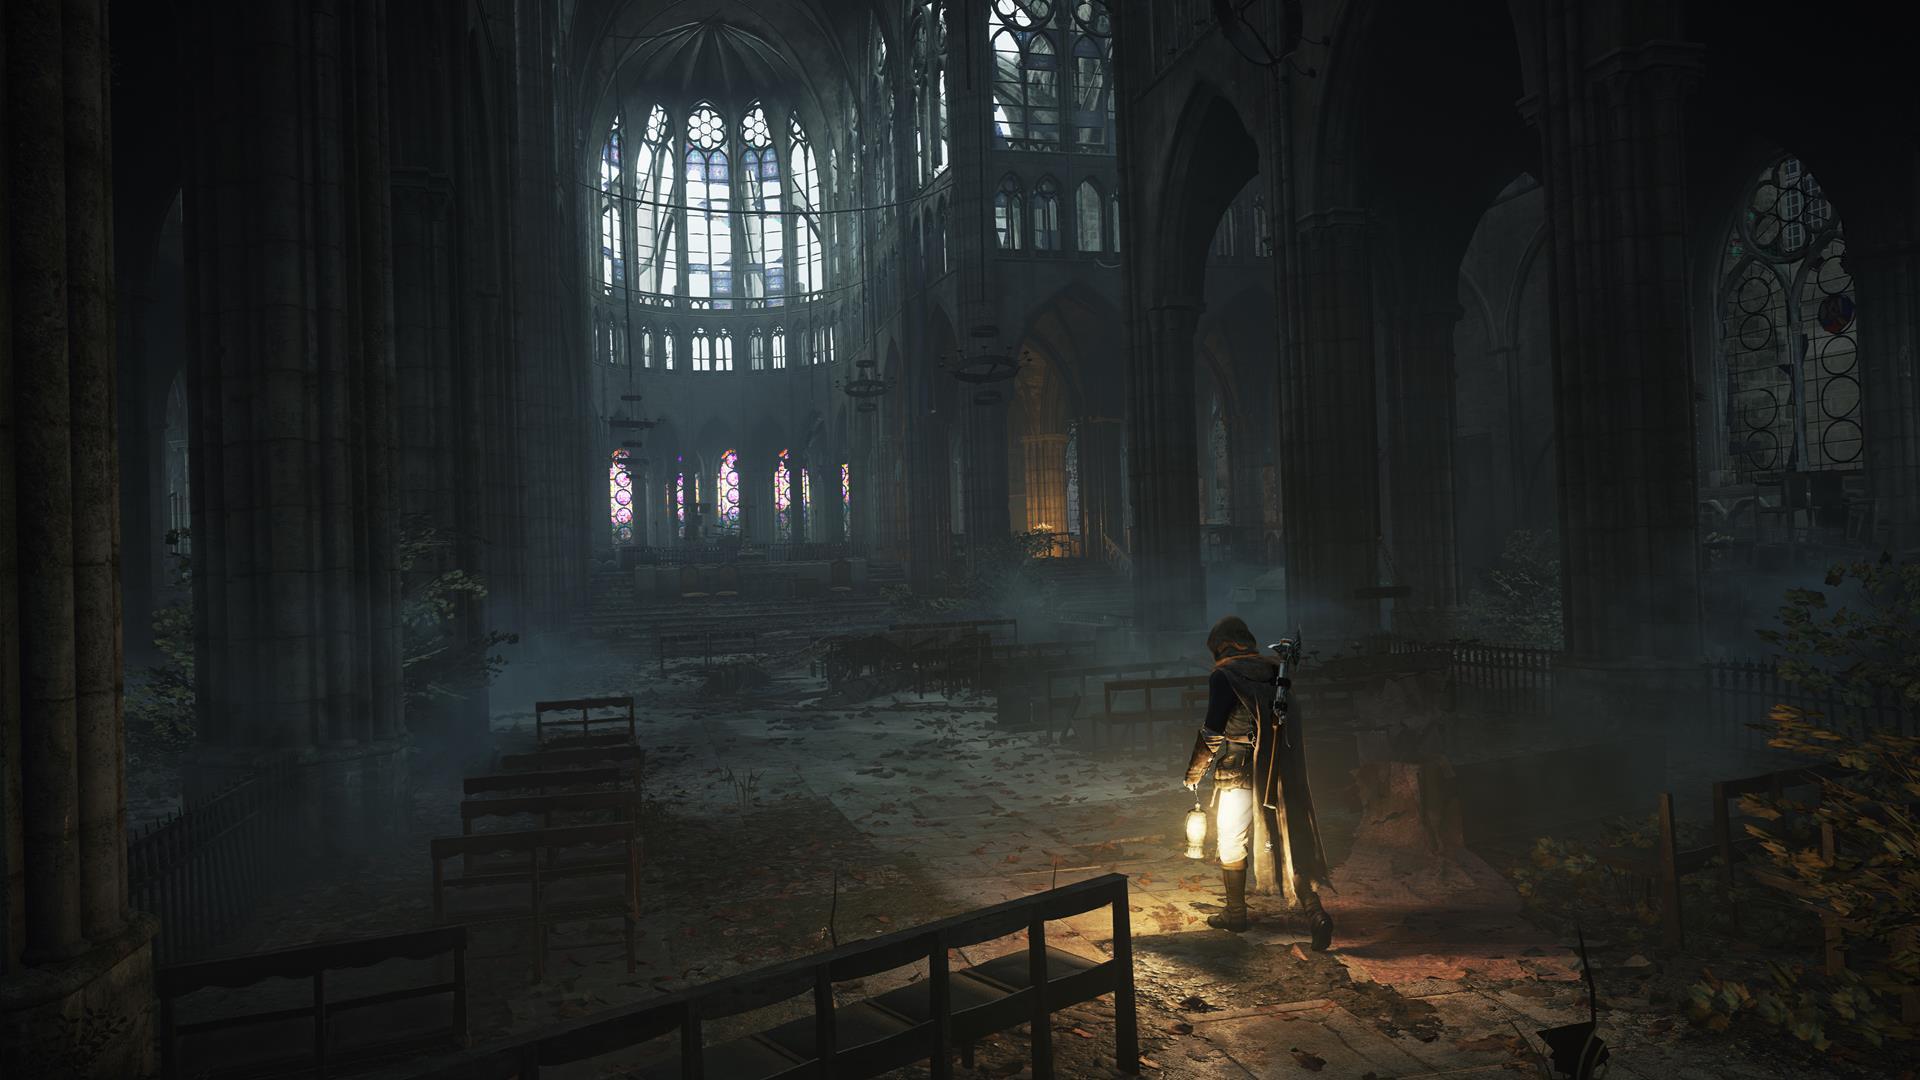 Peccato visitare la cattedrale durante il periodo post-rivoluzionario, visto che Ubisoft la rappresenterà come desolata e senza luce...